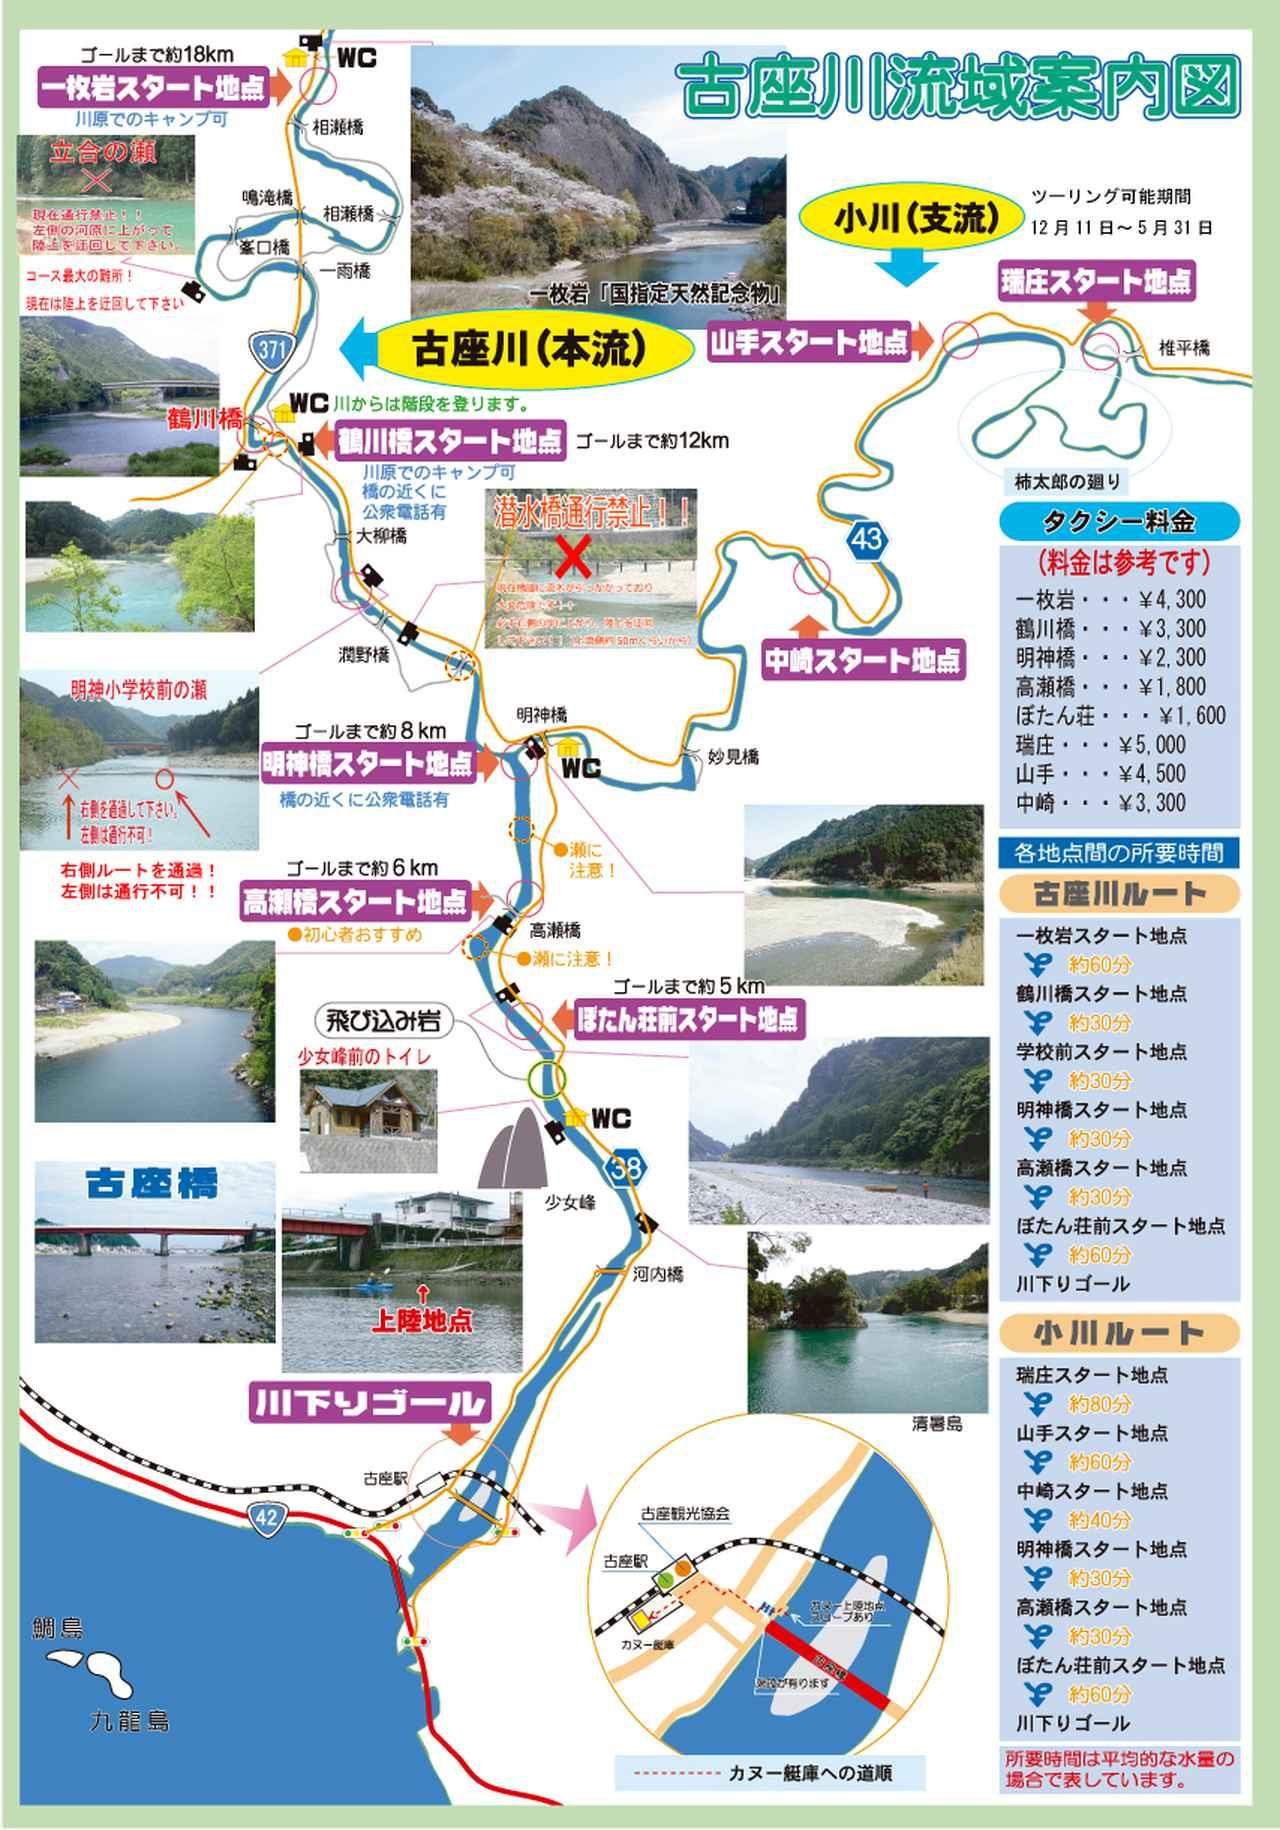 画像: レンタルカヌーについて【古座観光協会】